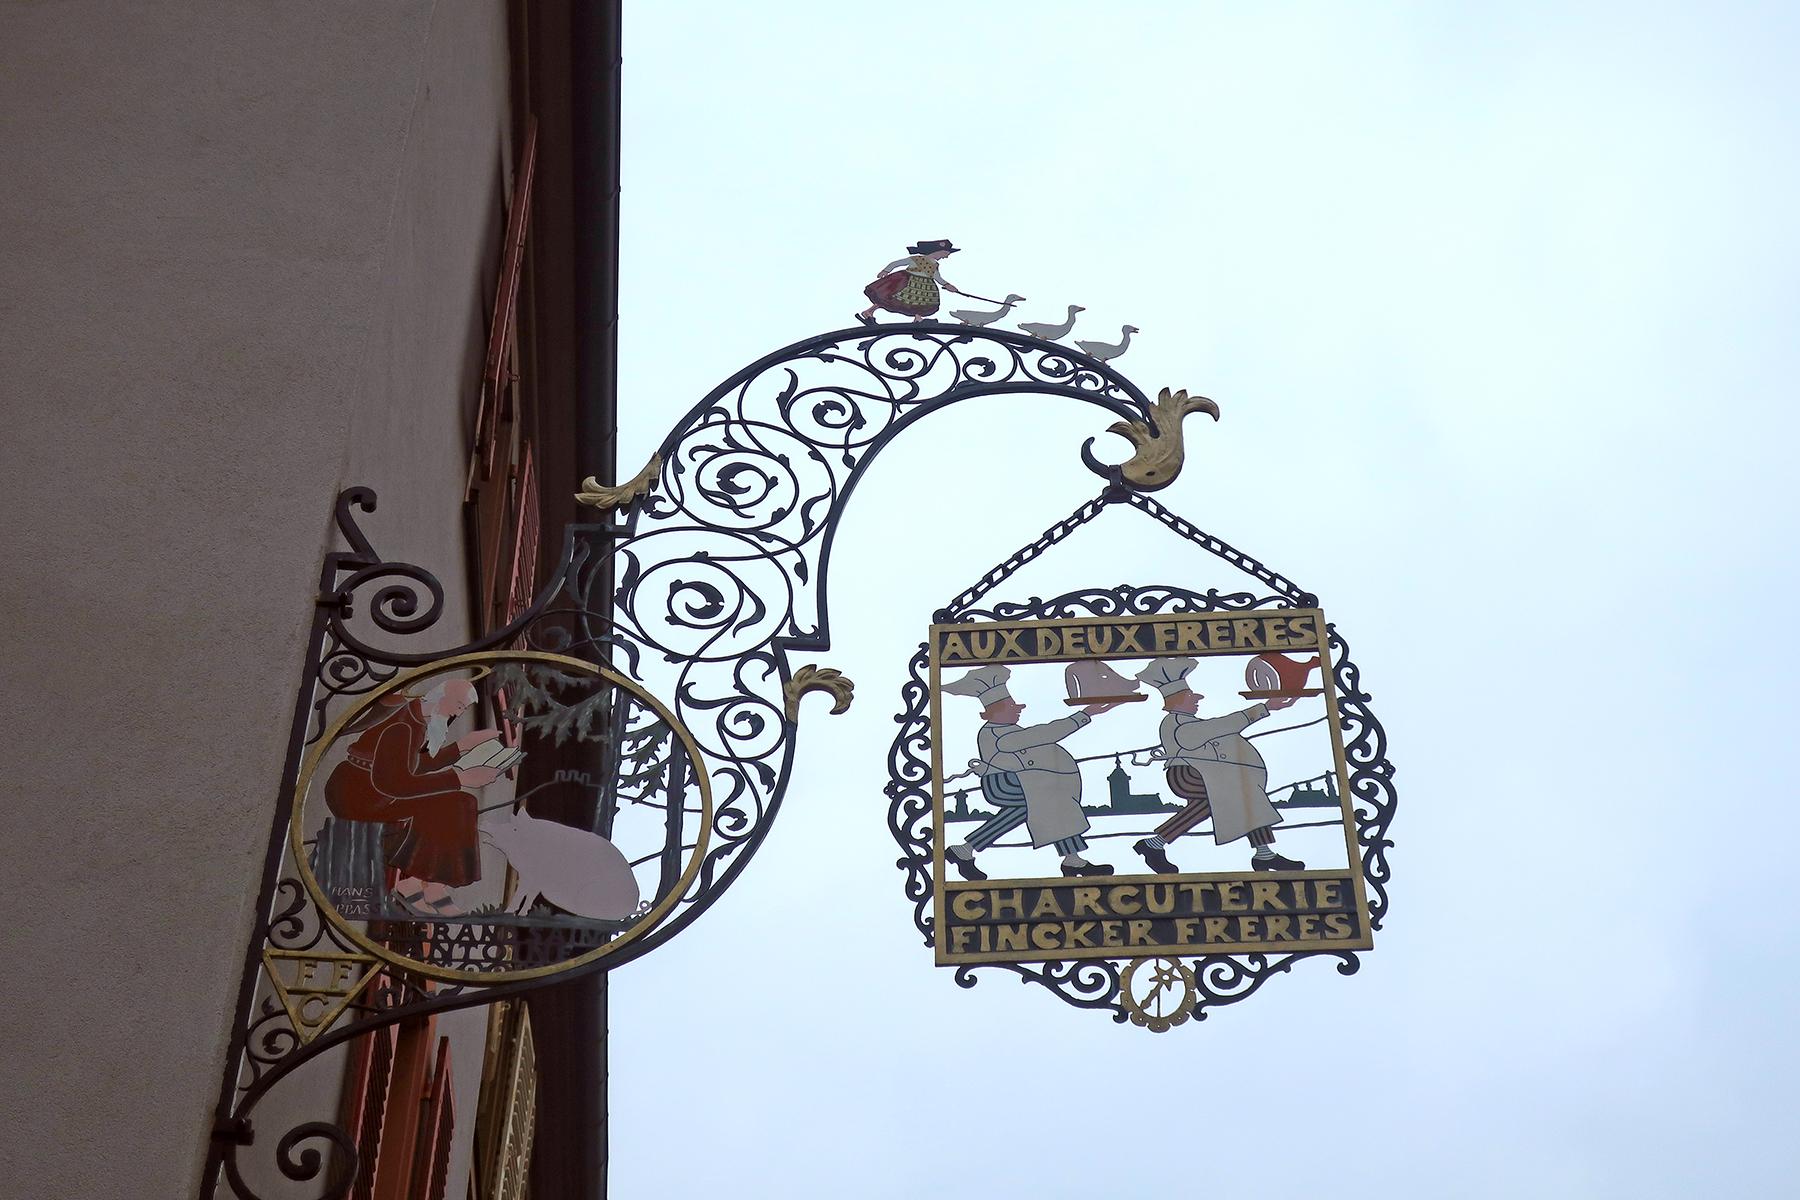 Insidertipps für Colmar: 11 Highlights, die man in Colmar erleben muss